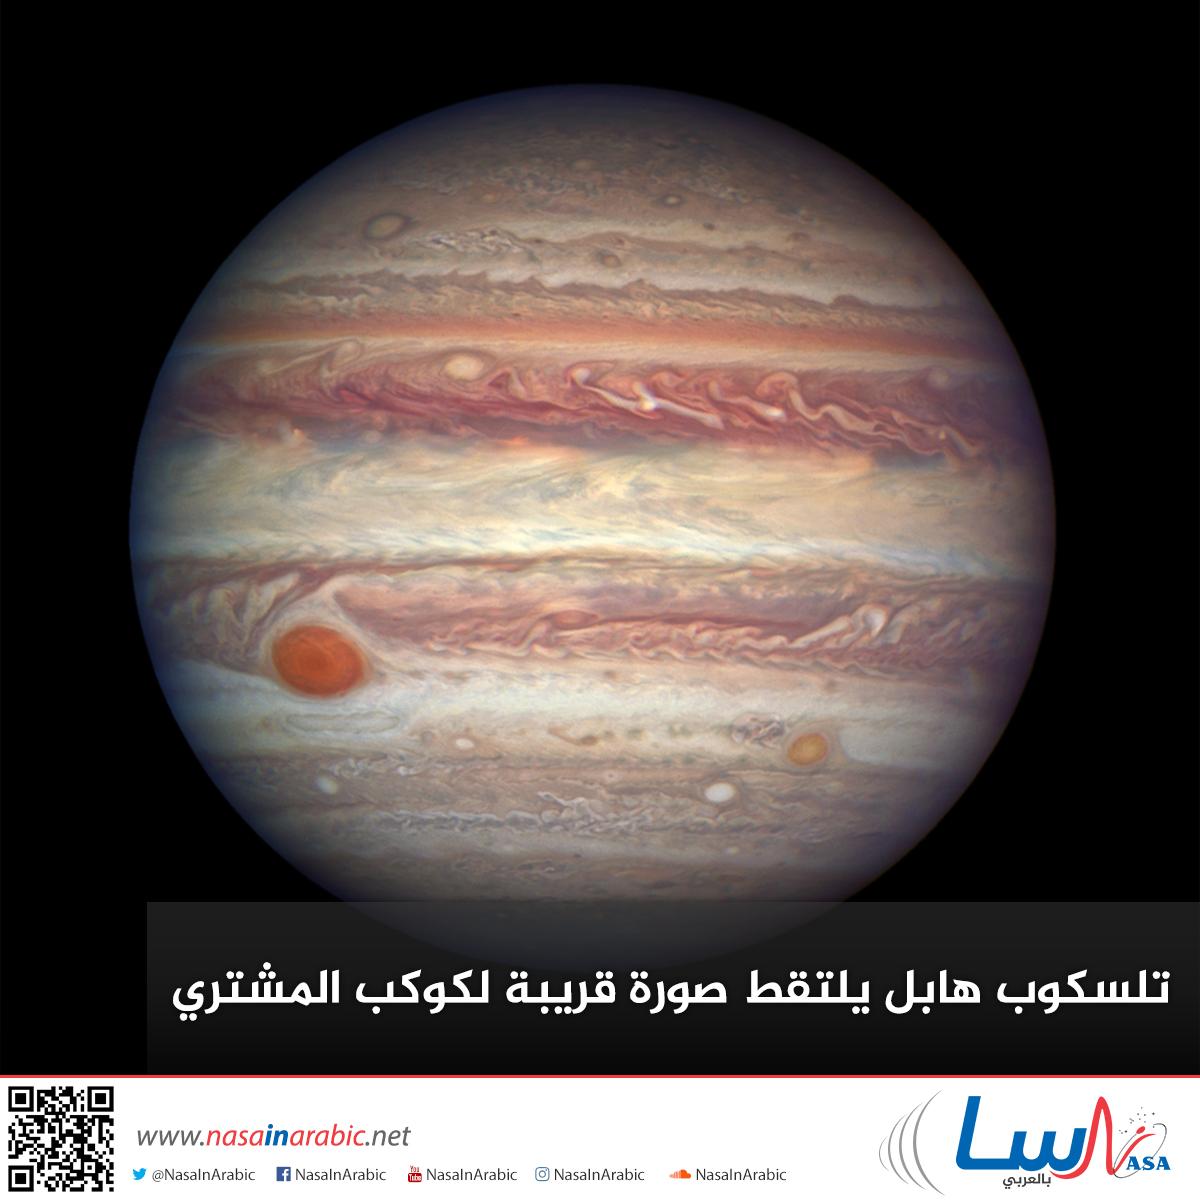 تلسكوب هابل يلتقط صورة قريبة لكوكب المشتري